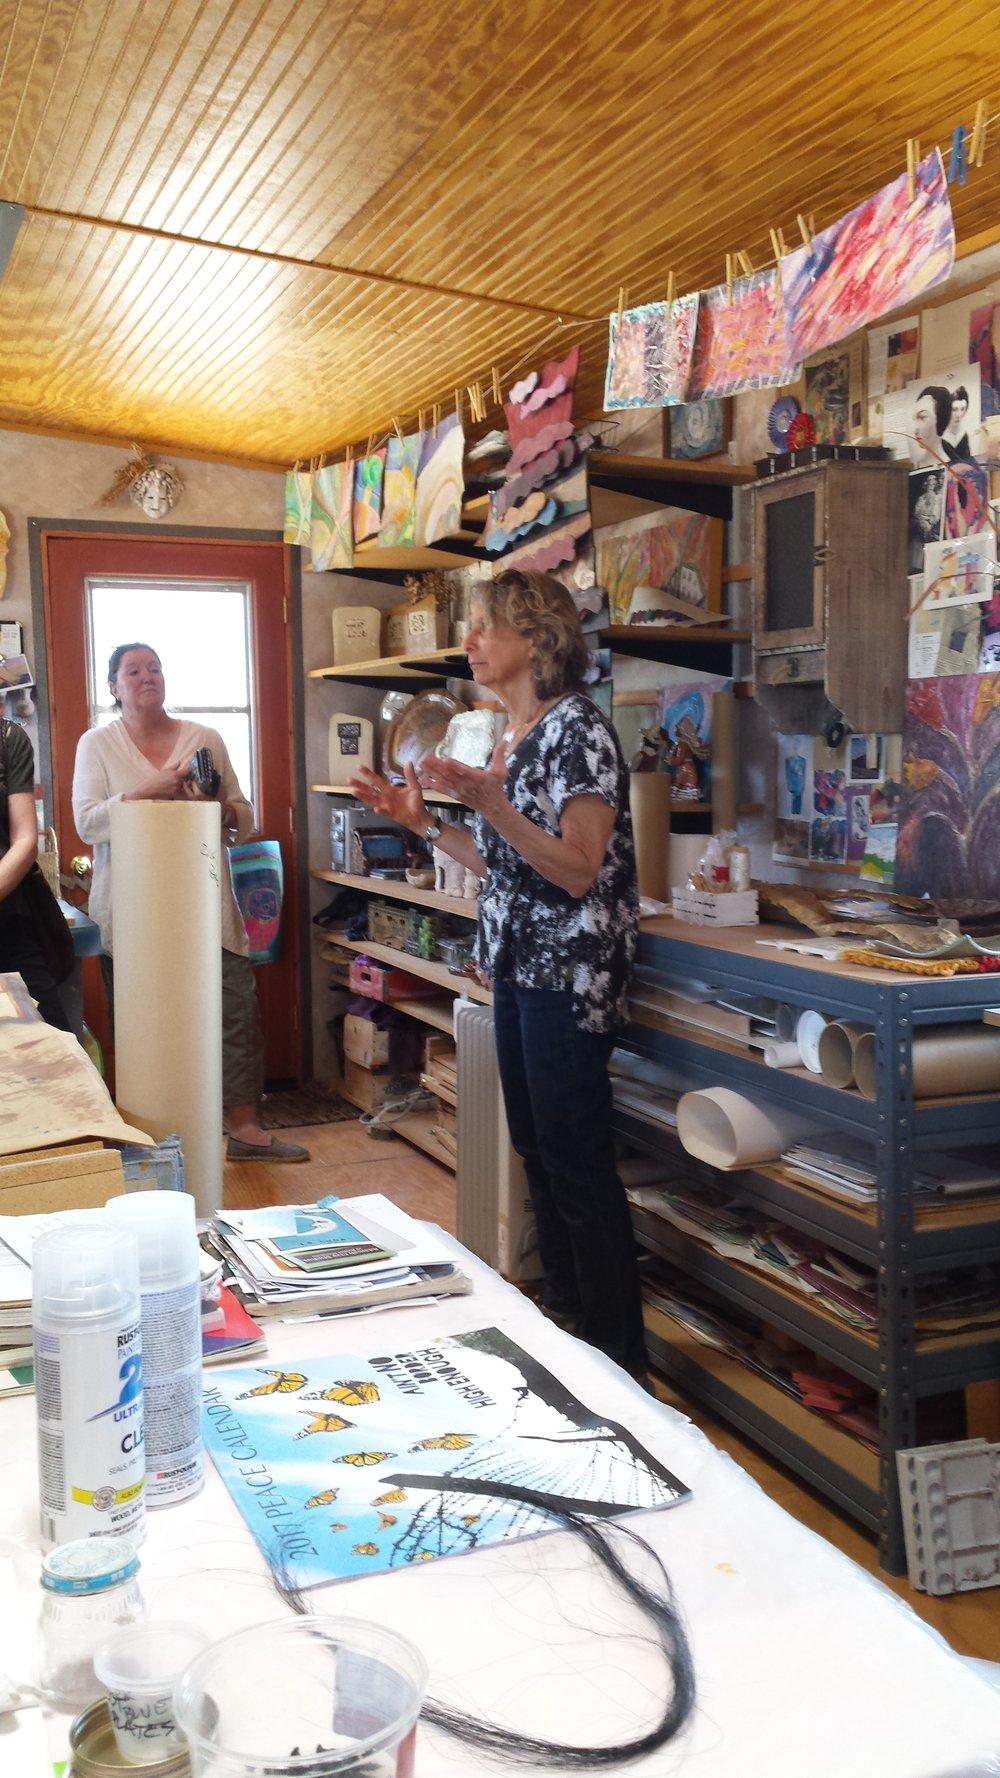 Daisy Kates' Studio